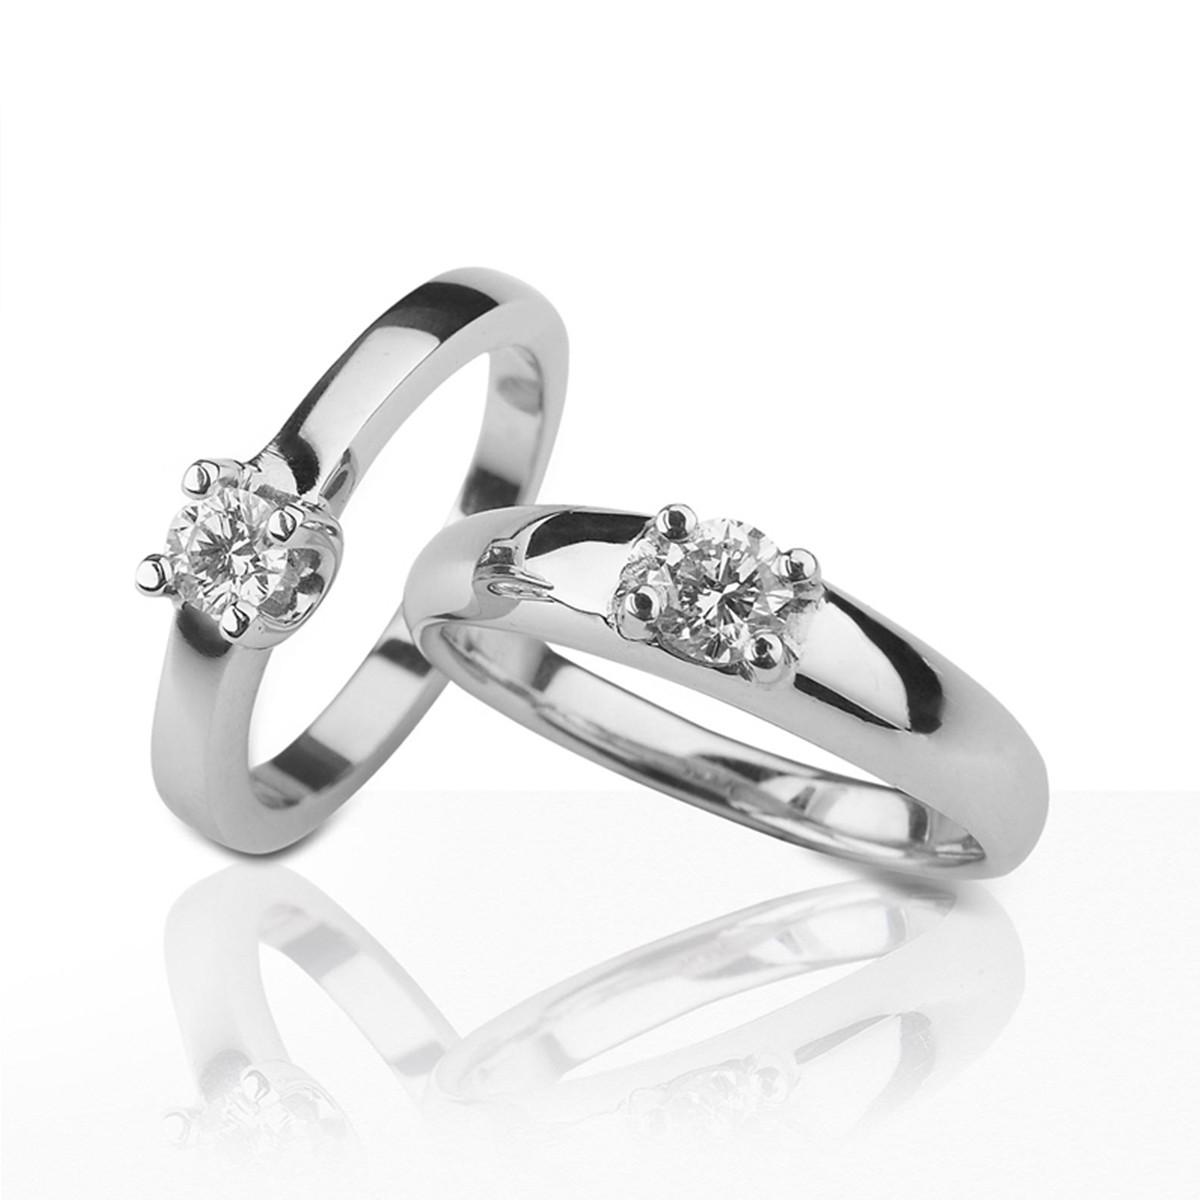 WHITE GOLD DIAMOND RING 0,20 KILATES